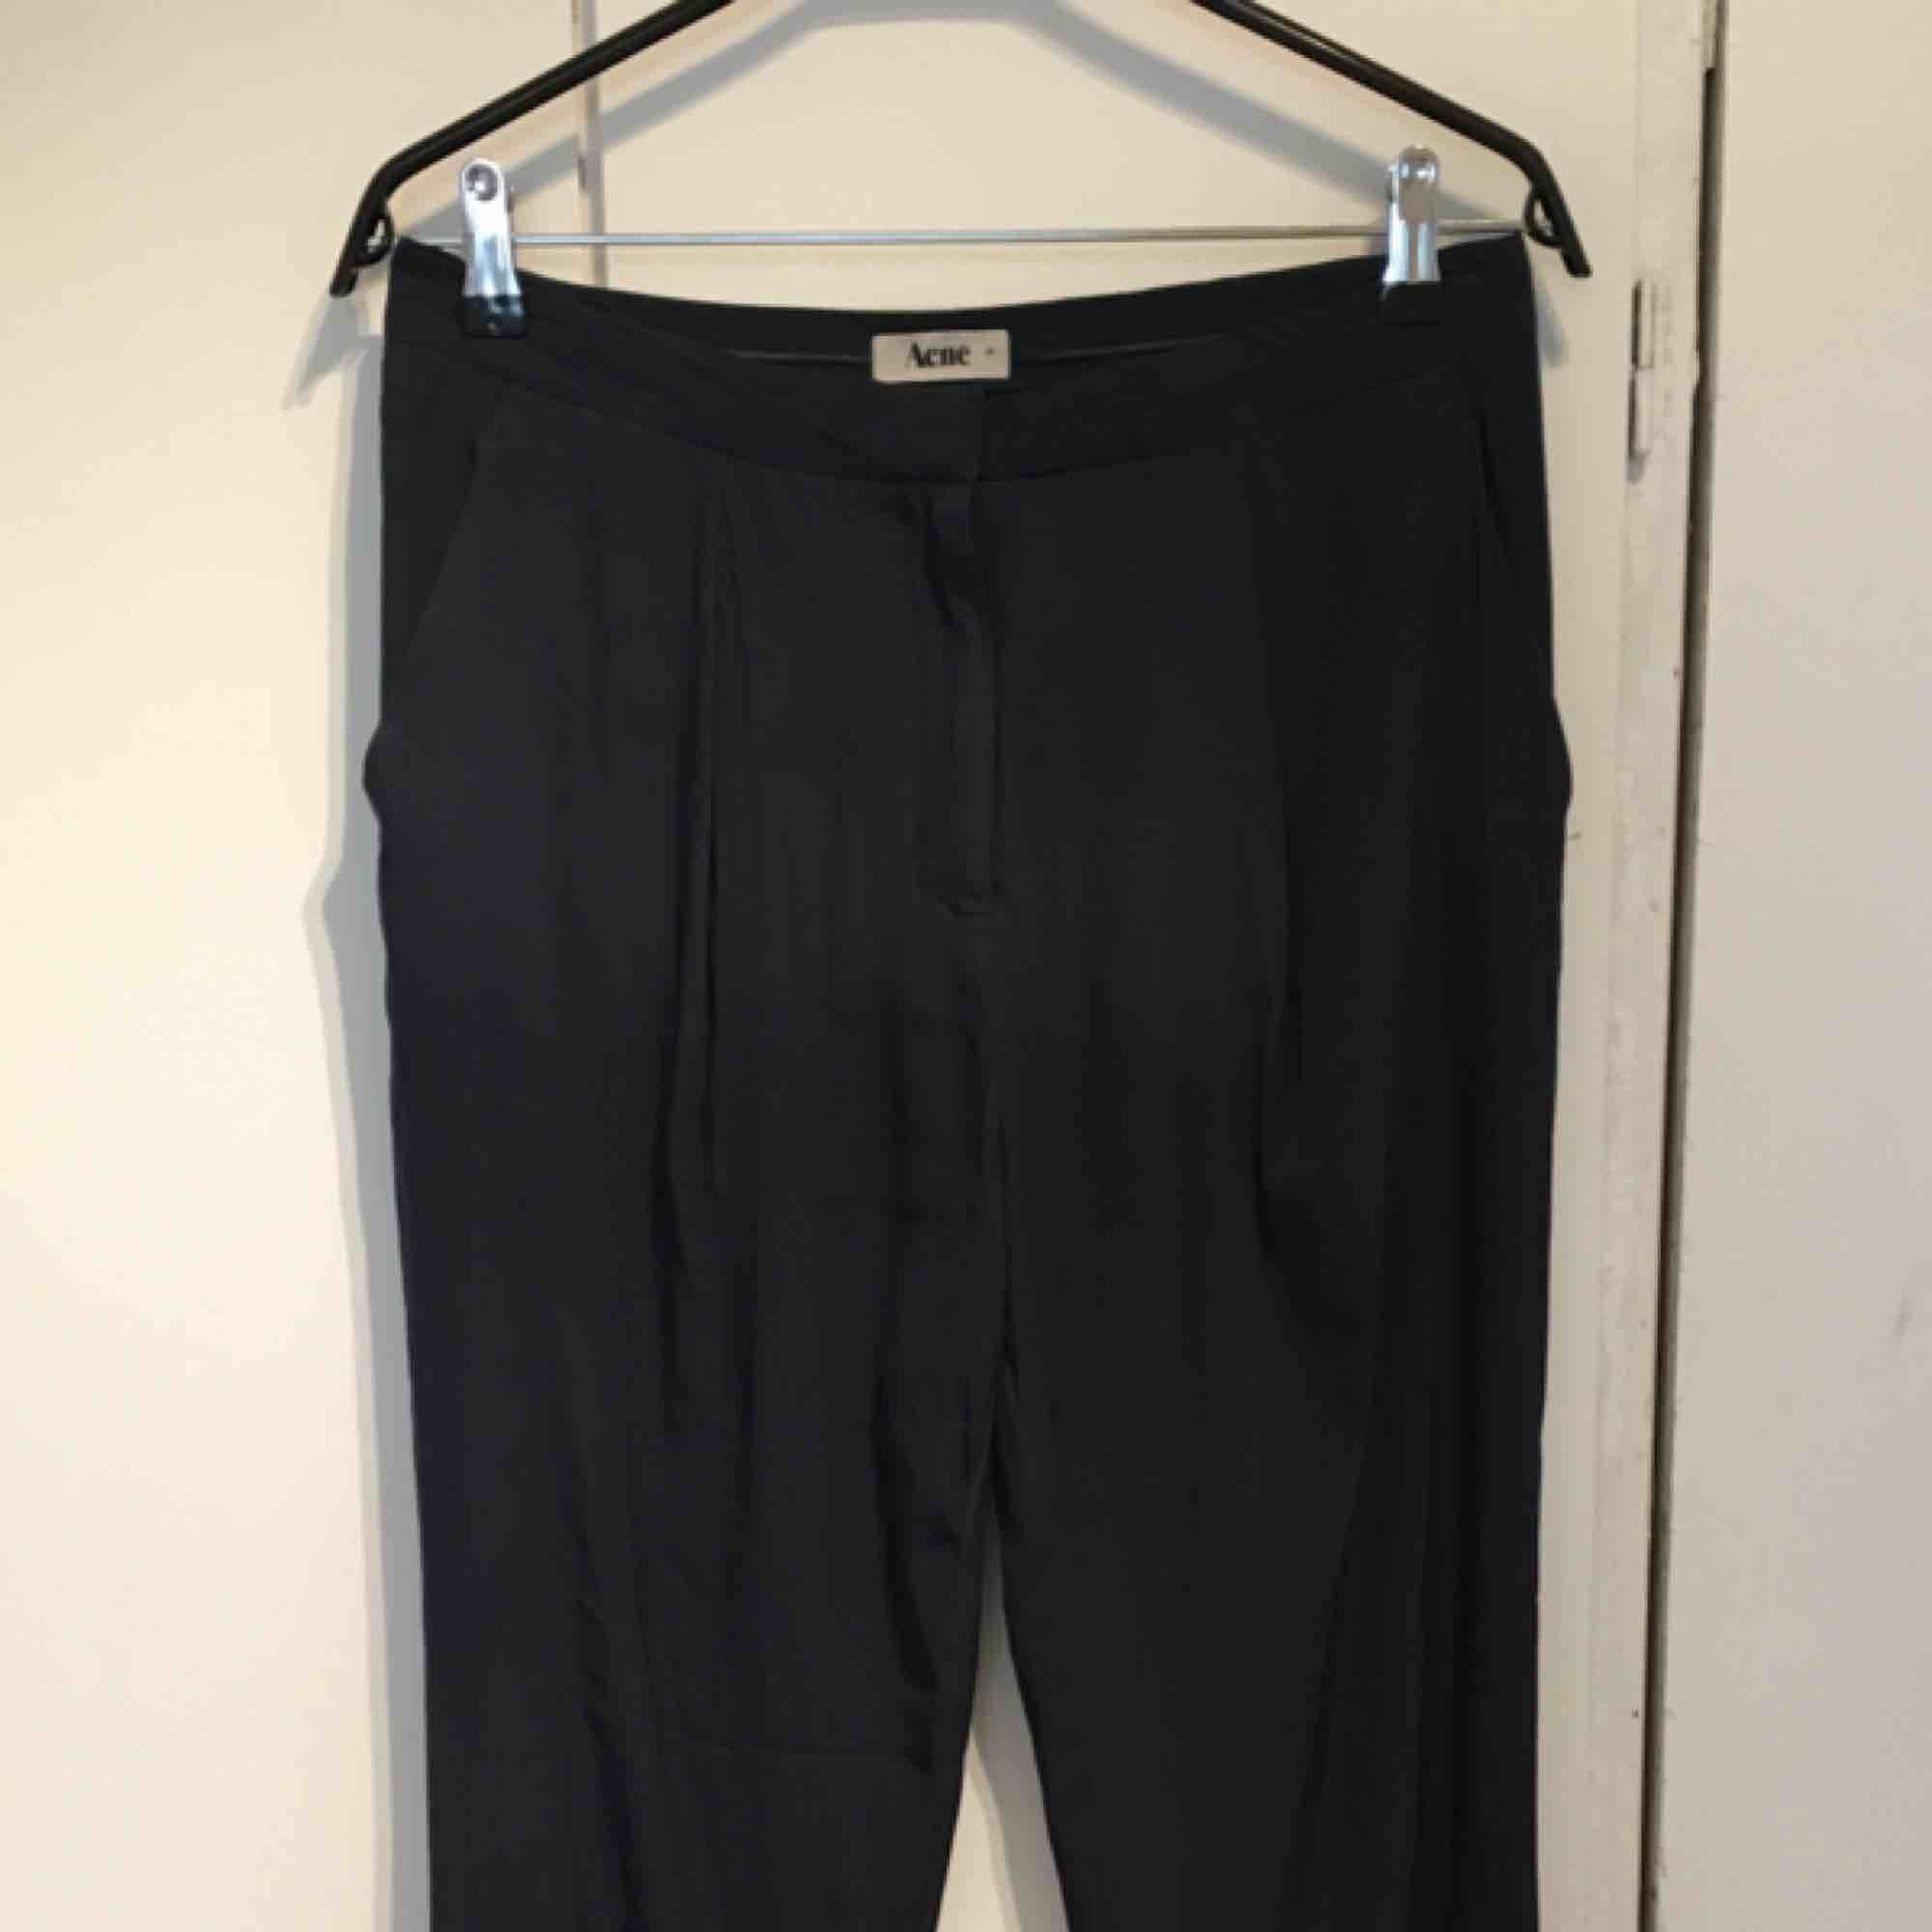 Duvblå byxor i 100% polyester. Loose fit. Laserskurna nertill. Har använt dem en del därav det låga priset. Inga hål eller fläckar, säljes i befintligt skick! . Jeans & Byxor.